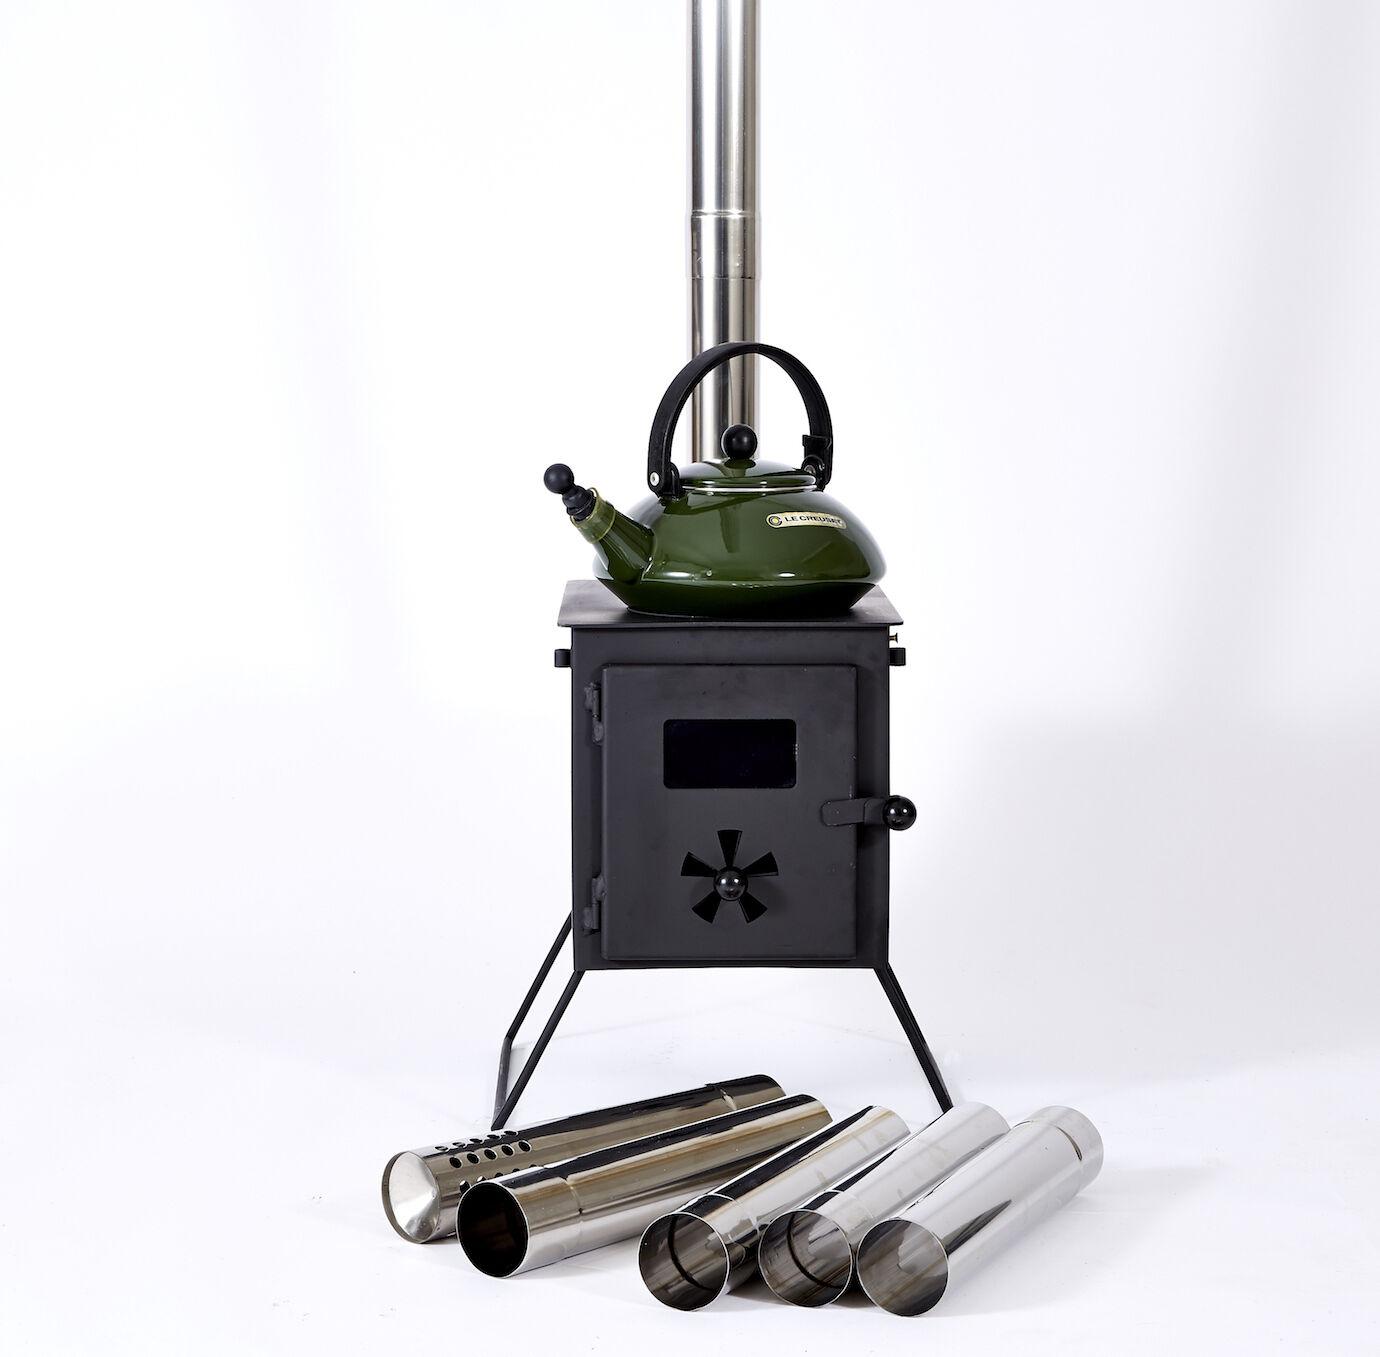 outbacker Chambre de combustion portable en bois cloche Tente Poêle avec GRATUIT